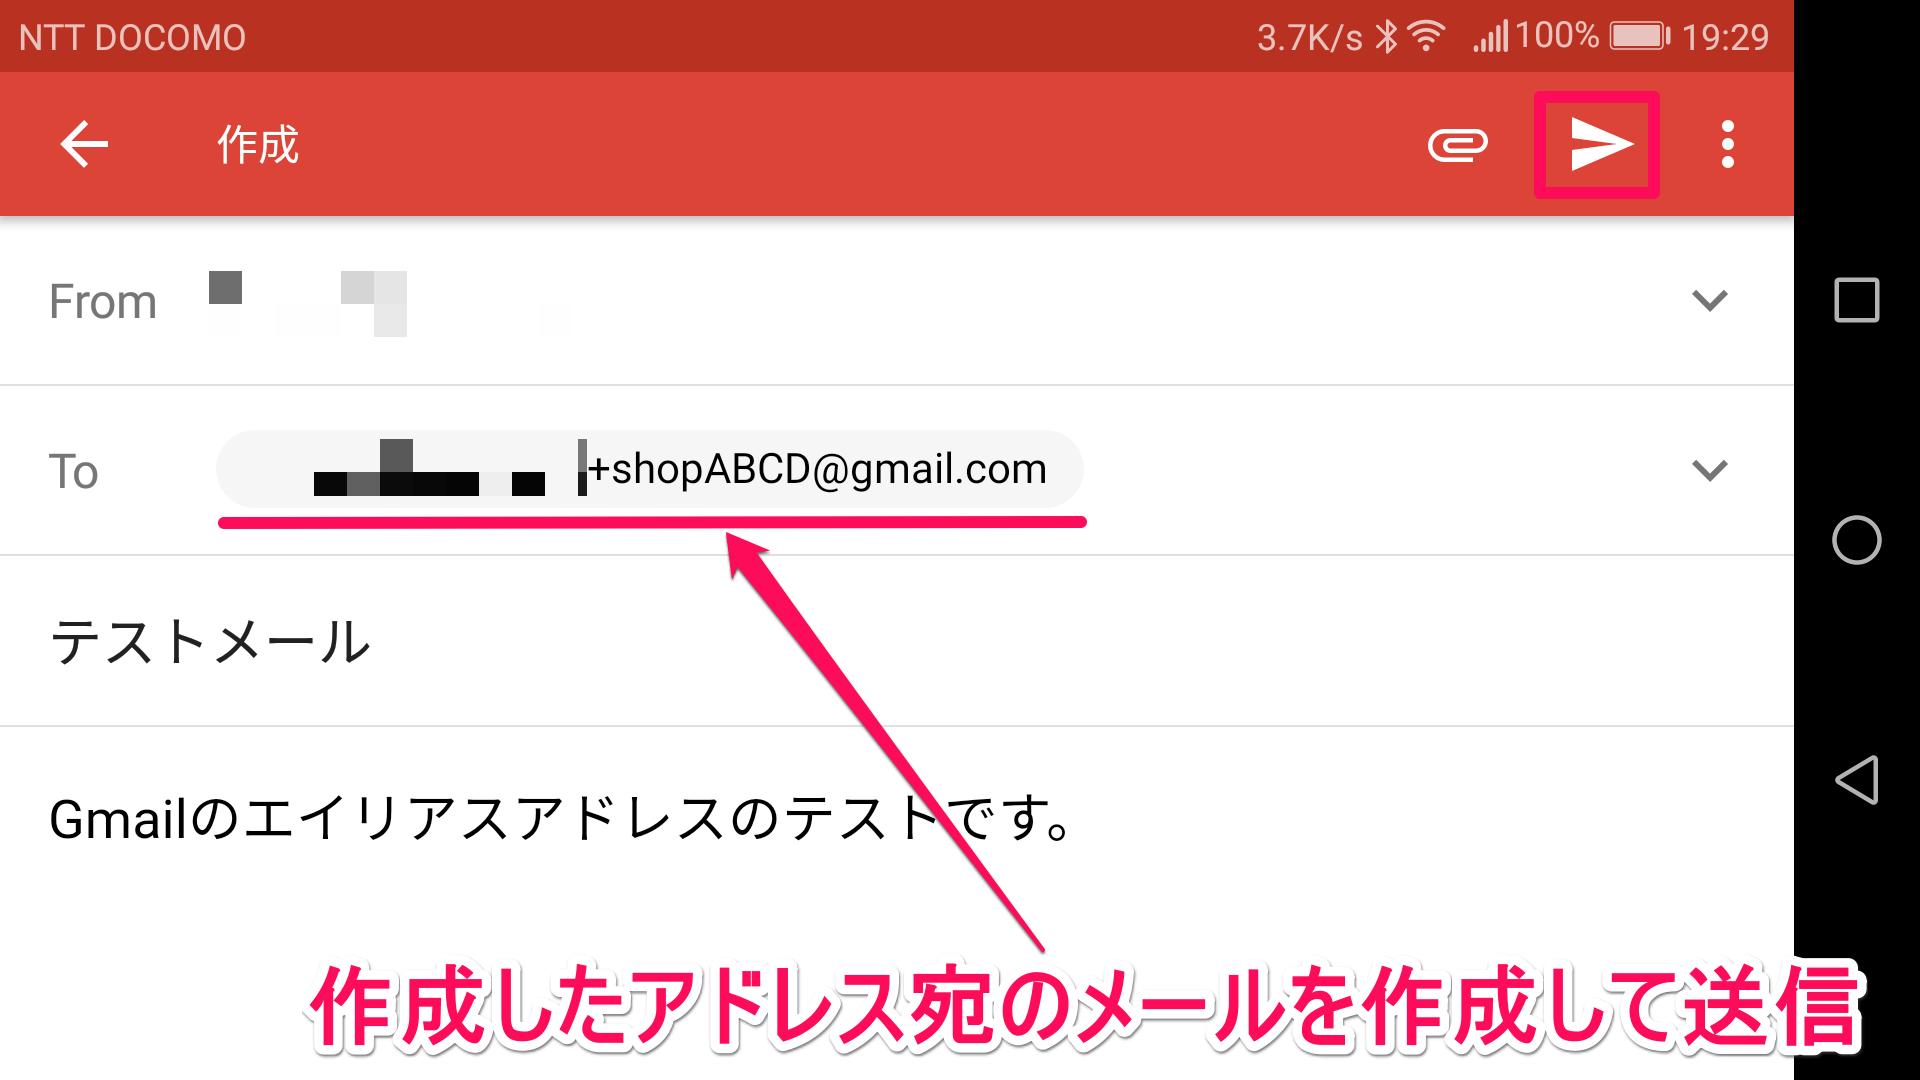 スマートフォンのGmail(ジーメール)アプリでメールを送信する画面